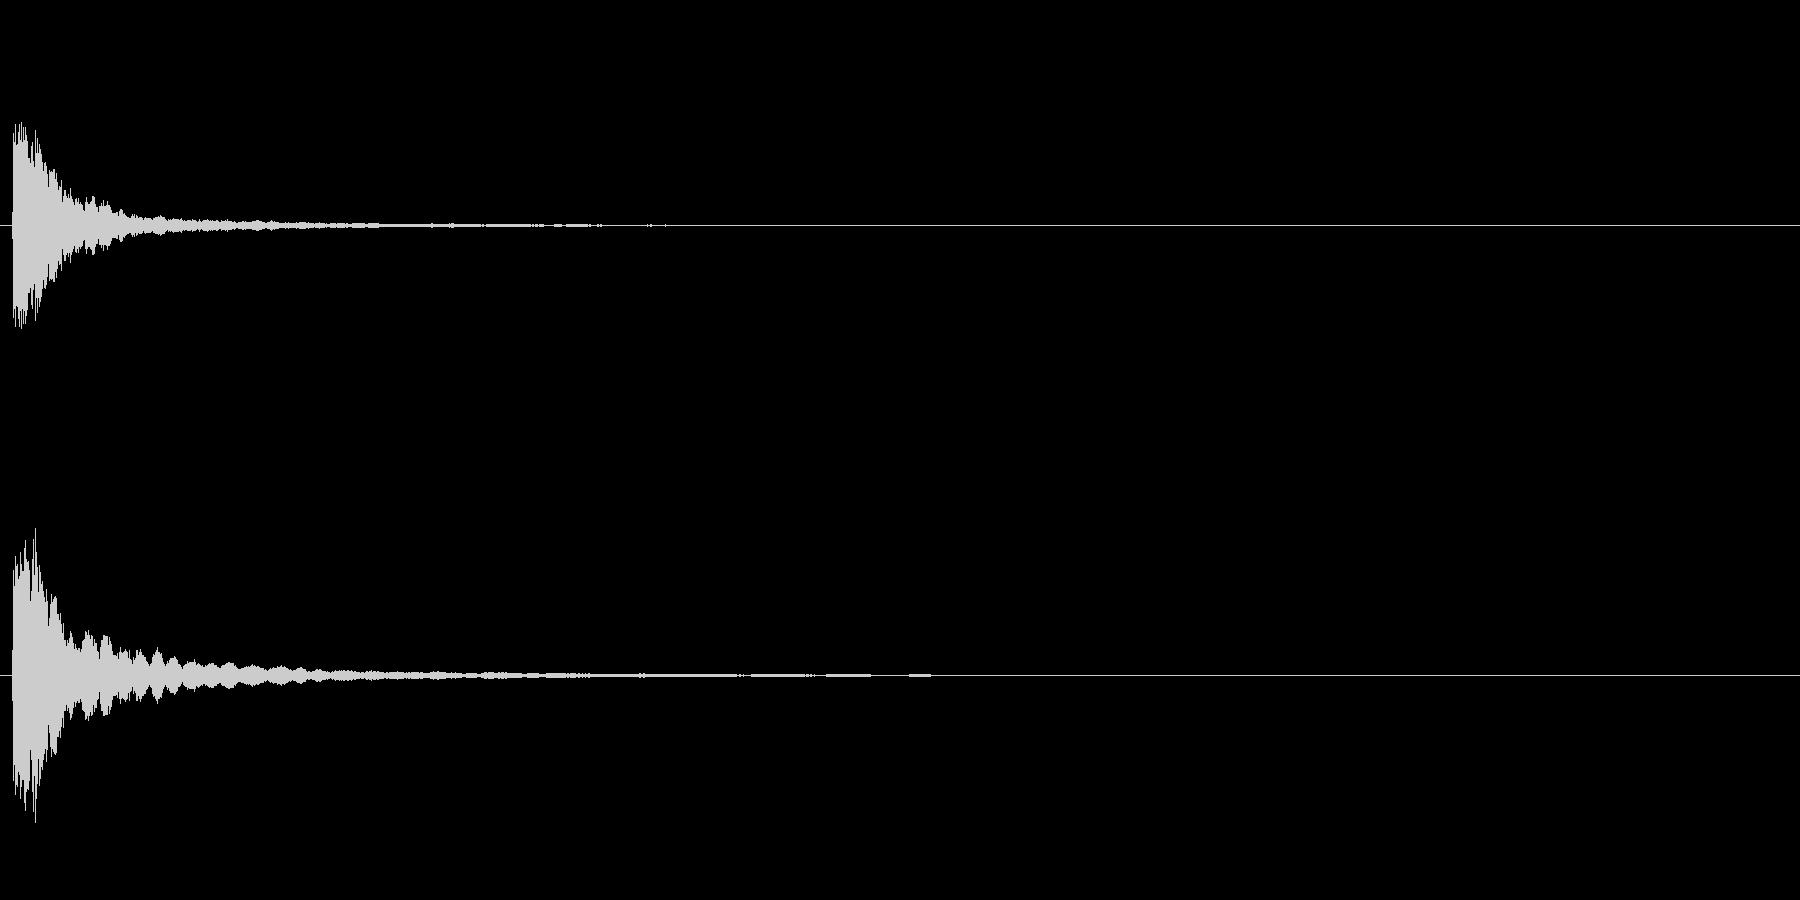 「チン」お囃子の当たり鉦の単発音+Fxの未再生の波形